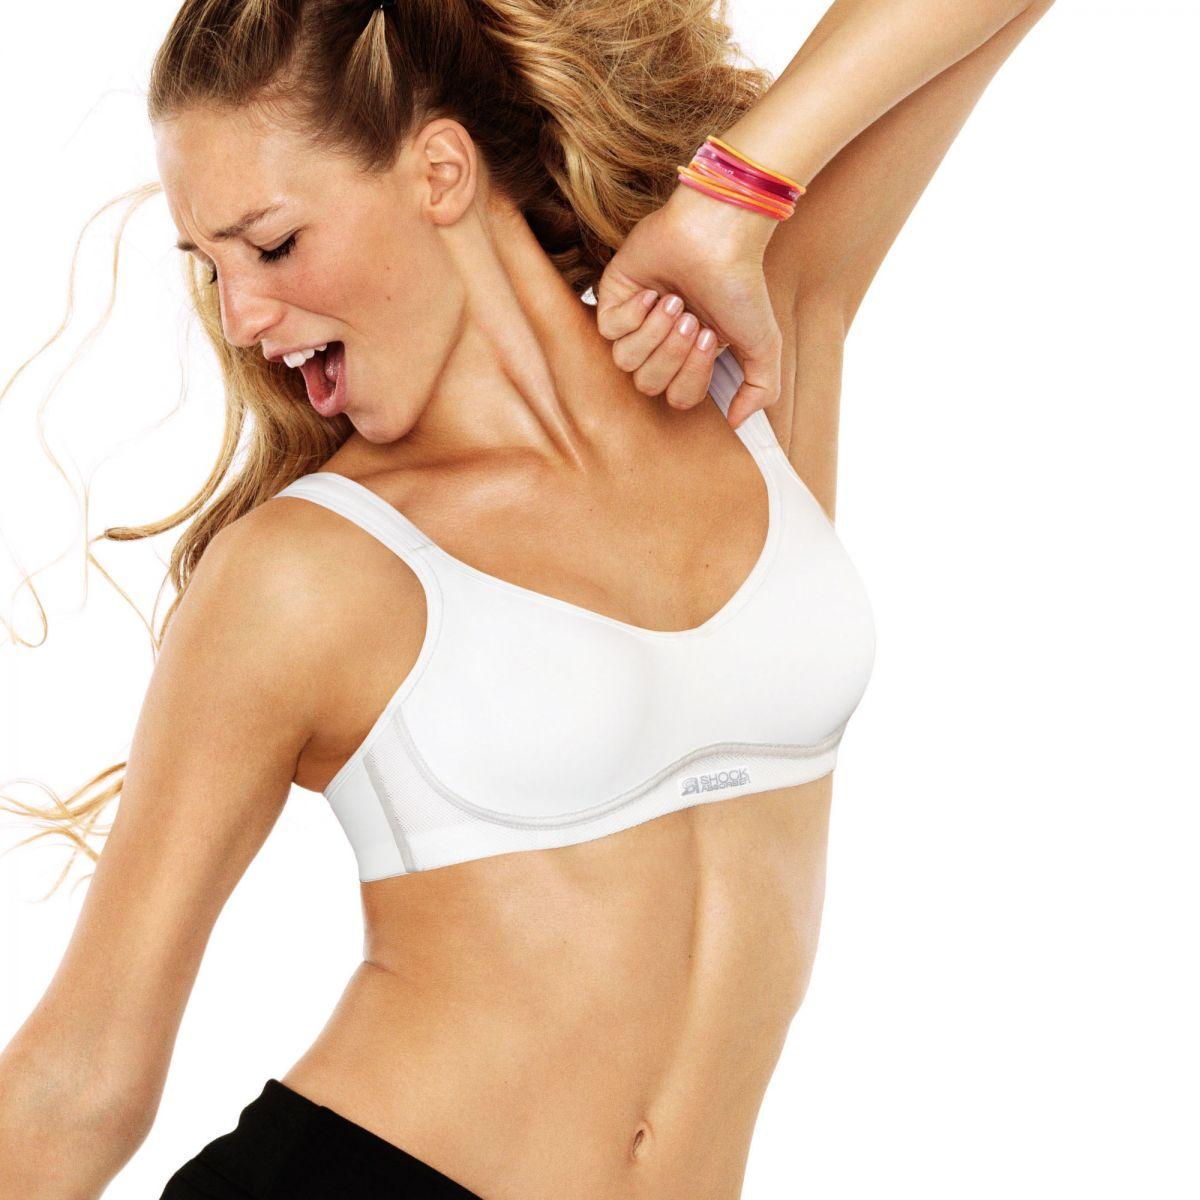 Có nên phẫu thuật nâng ngực để có vòng 1 đầy đặn, nở nang3